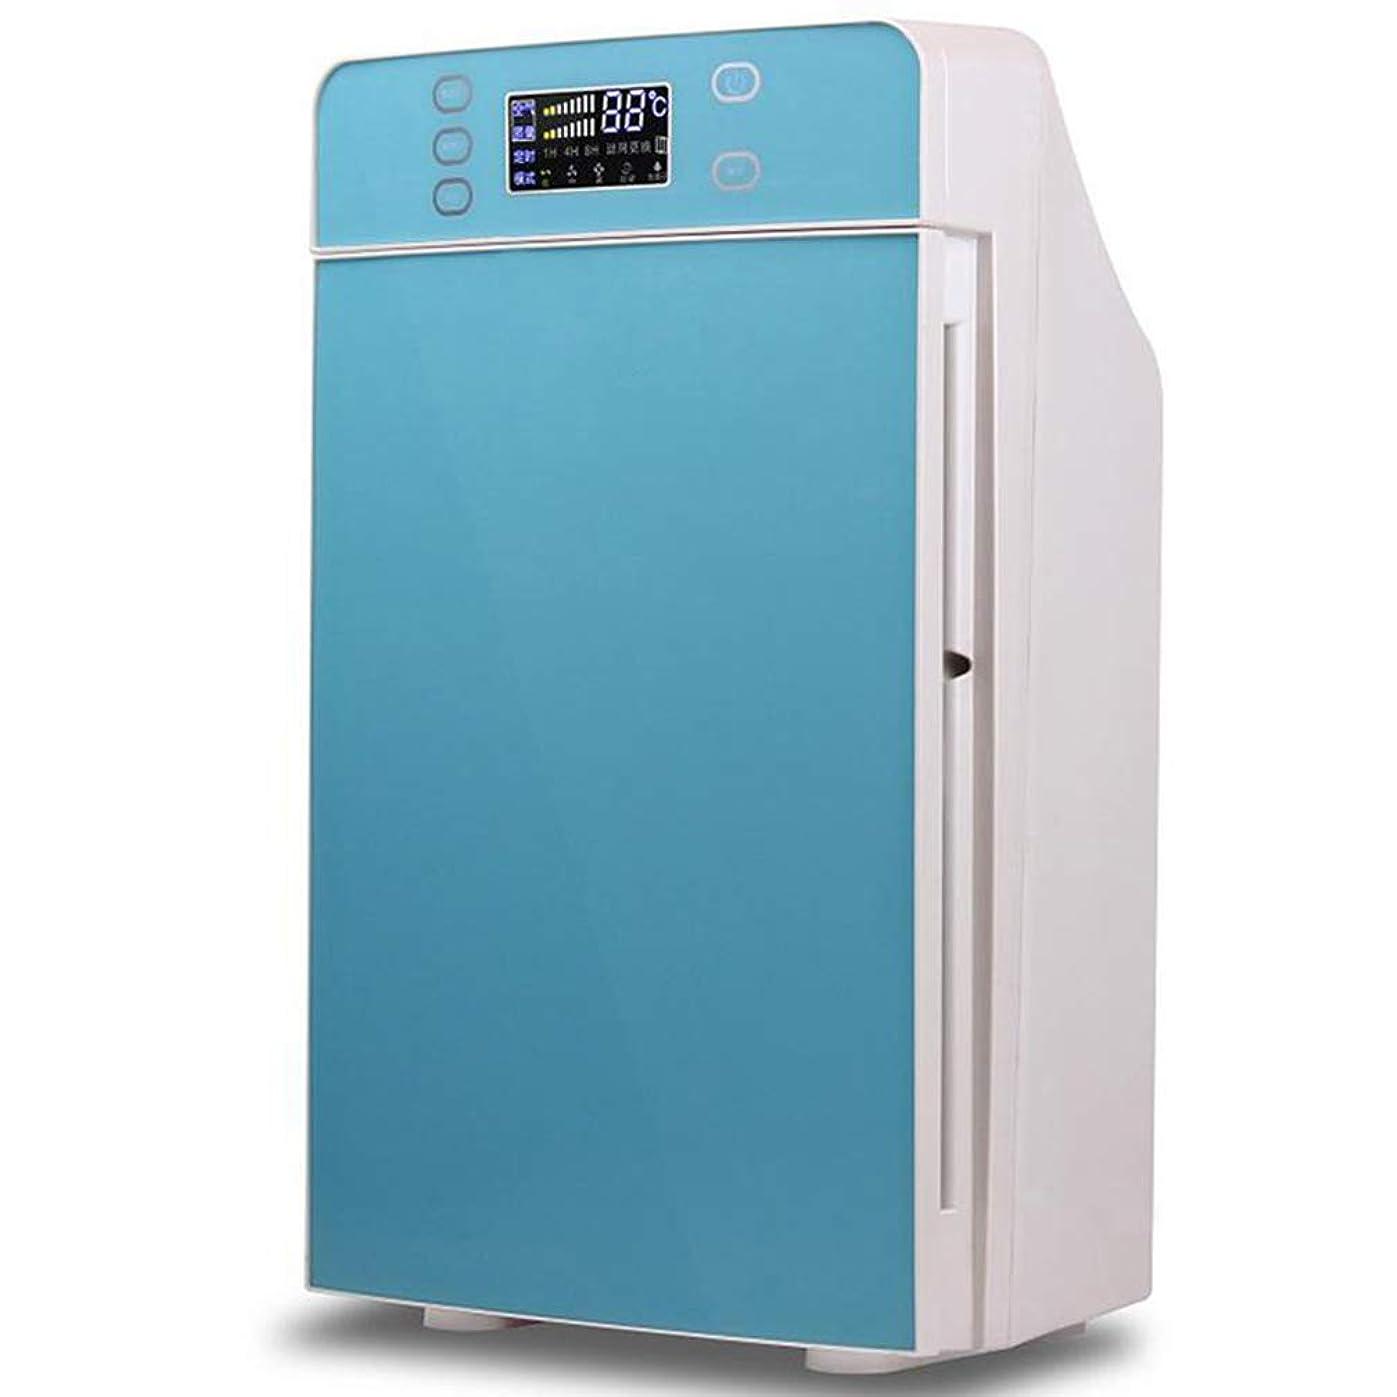 作動するドロー溶かす知的な 空気清浄機、アレルギー、花粉、カビ、ペットのふけ、細菌およびタバコの煙、LEDディスプレイ、 コンパクト